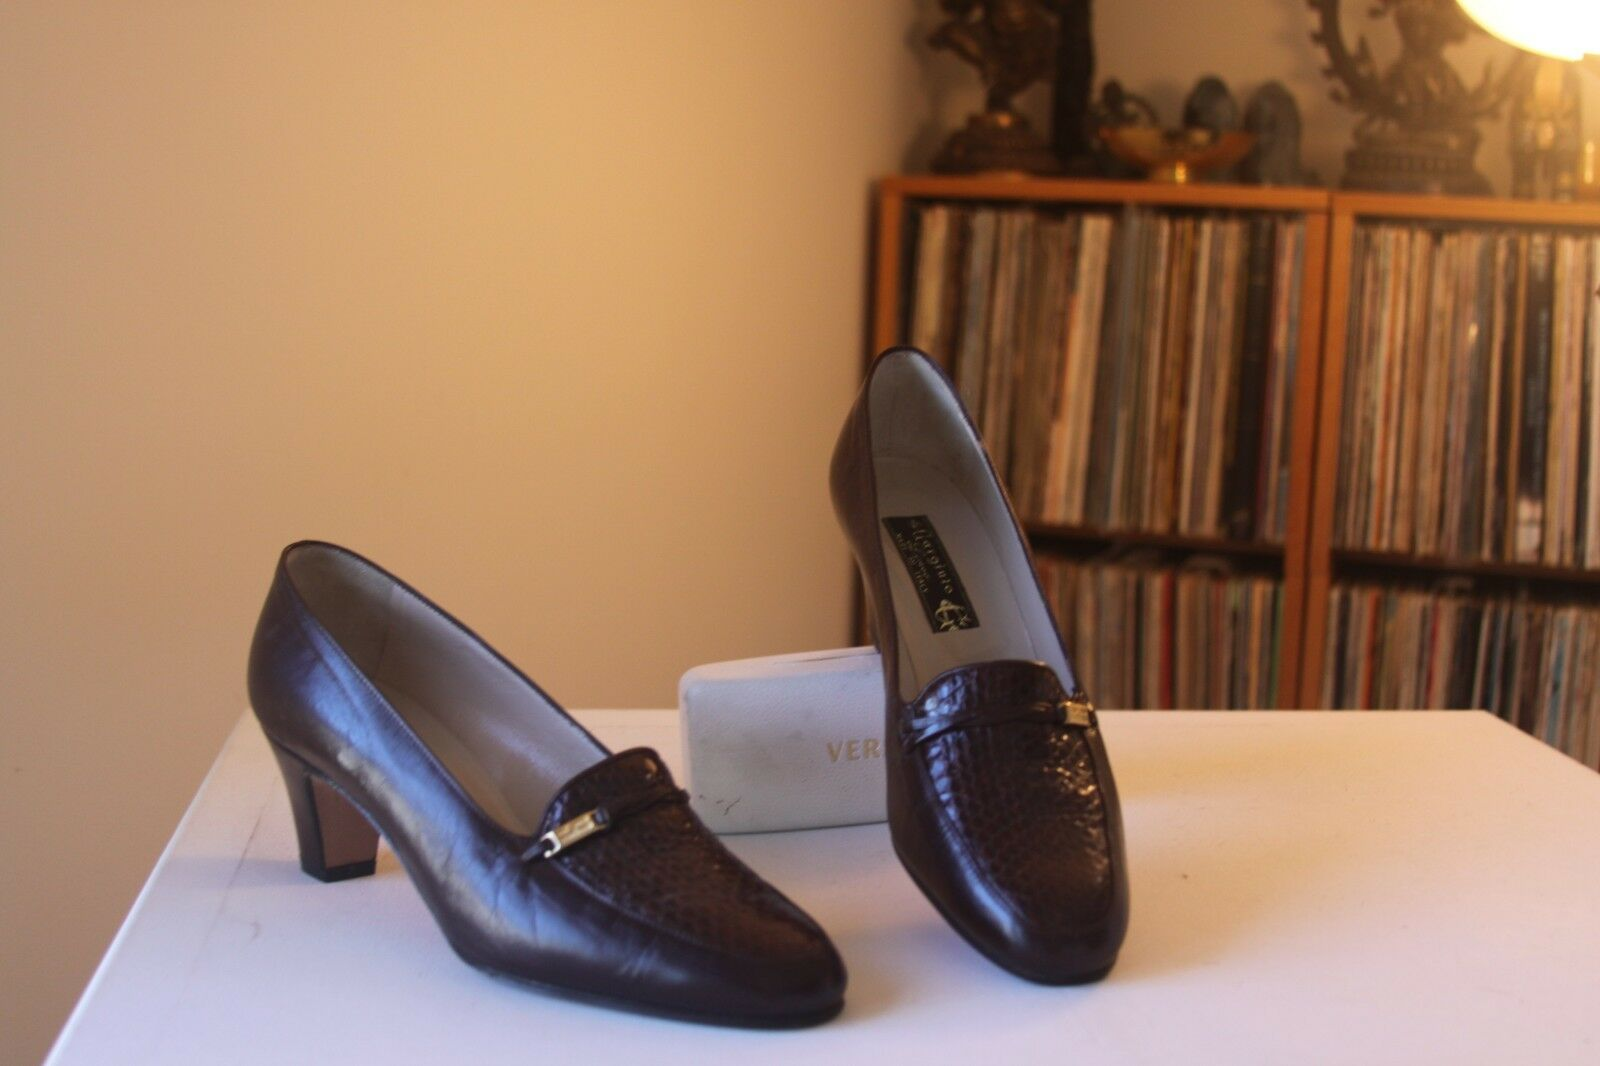 Gargiulo Linea Brown Pelle Pelle Brown Snakeskin Vamp 2 1/2 Inch Heel Pumps Eur Size 40 acd76a